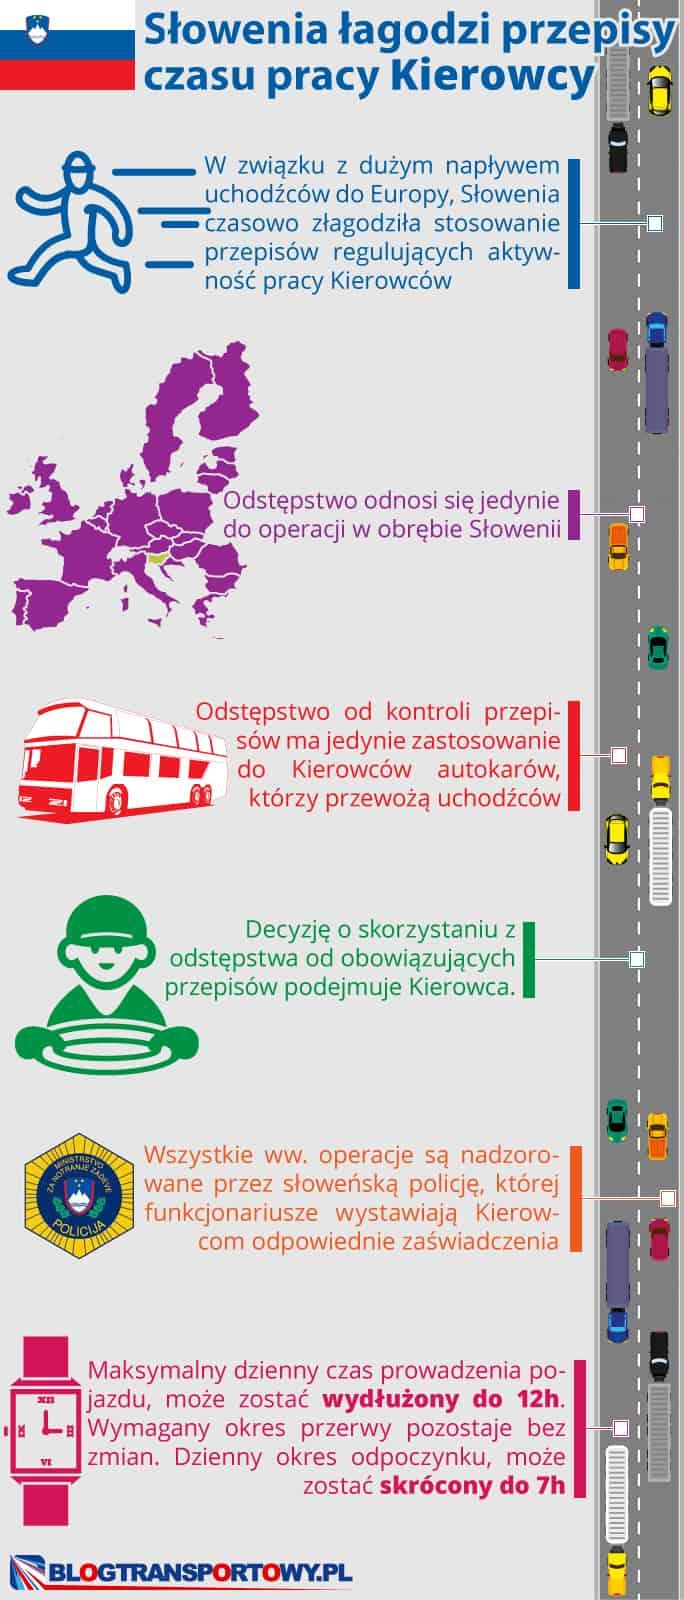 Słowenia łagodzi czas pracy Kierowców